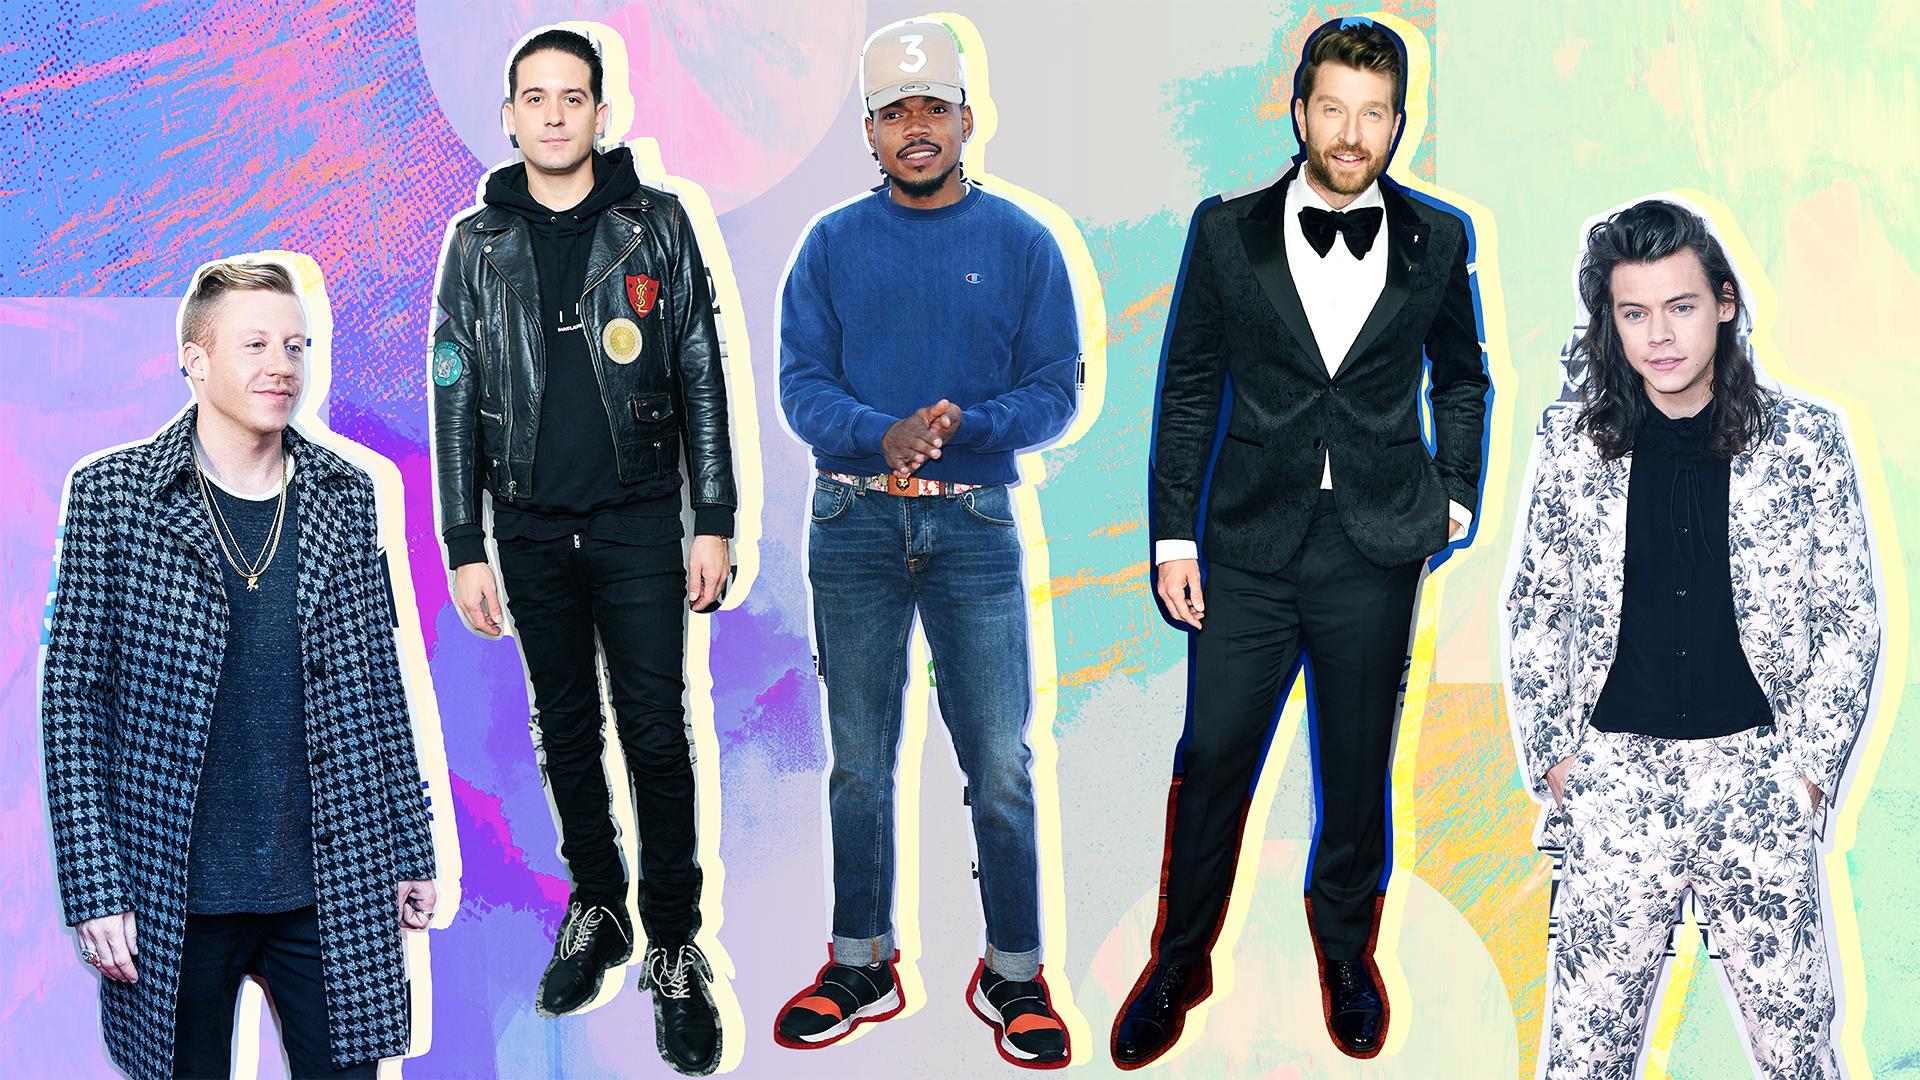 Stylish Male Musicians